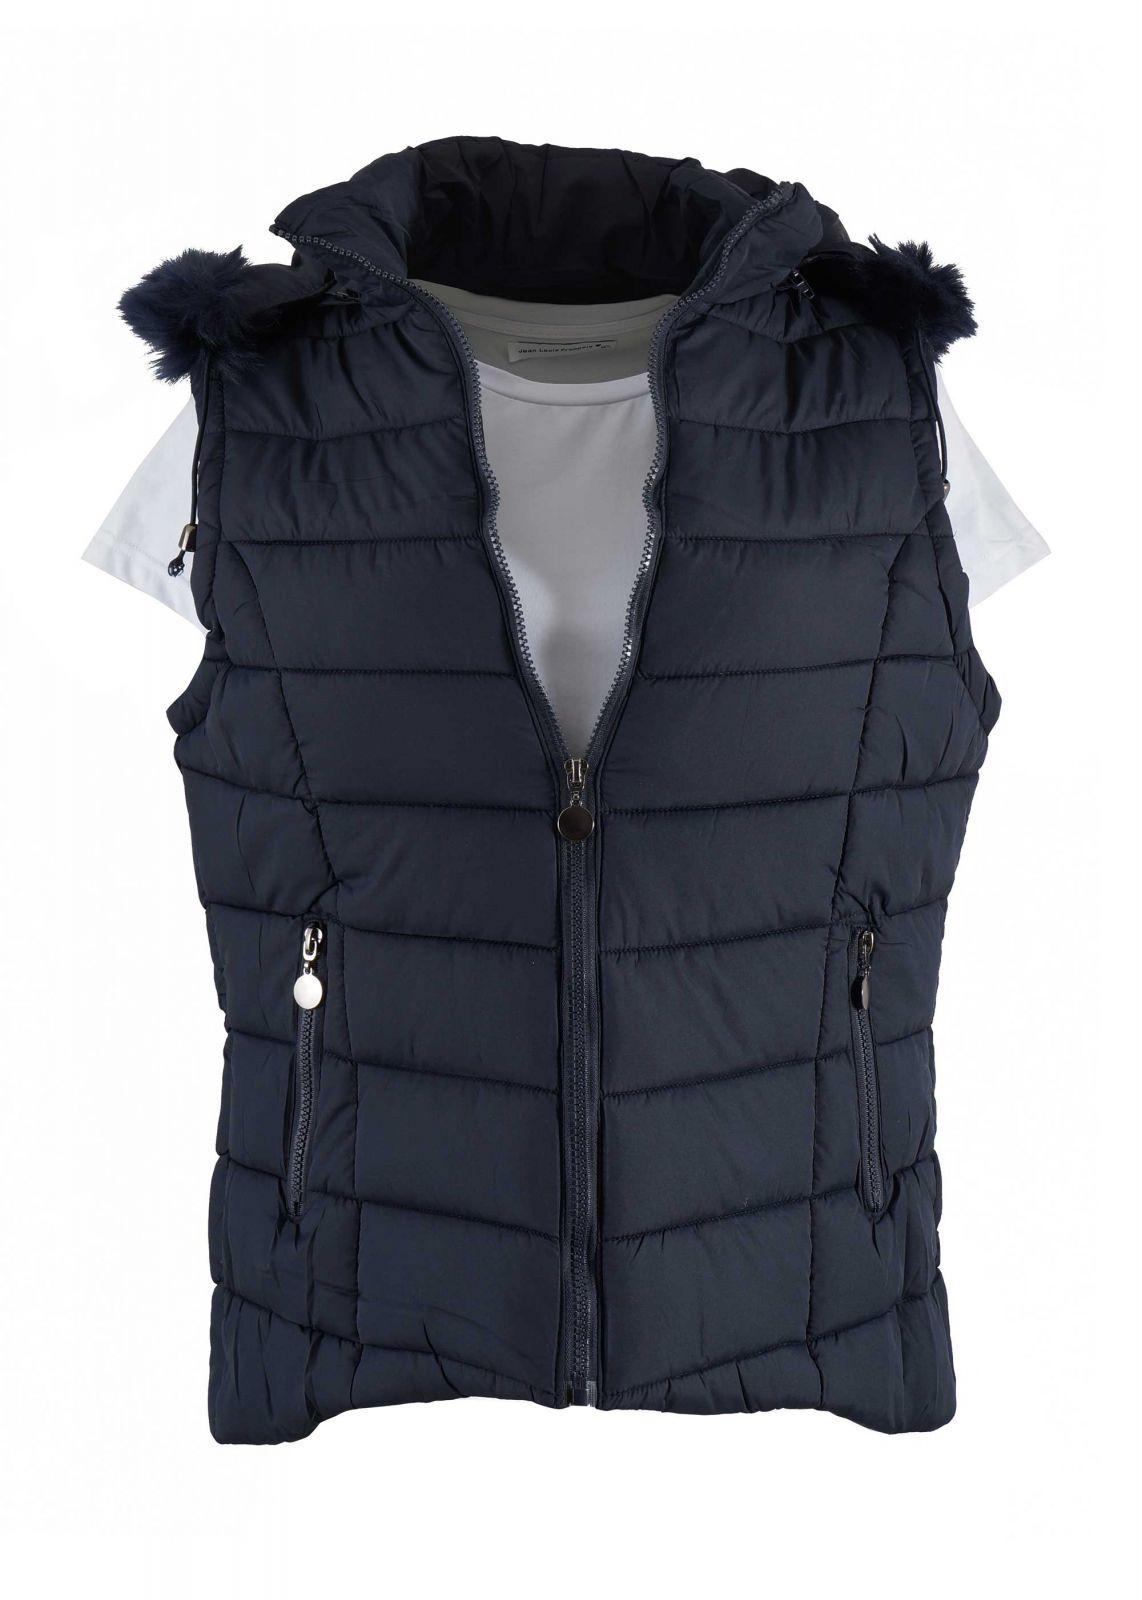 Γυναικείο jacket αμάνικο με κουκούλα. Basic collection ΜΠΛΕ